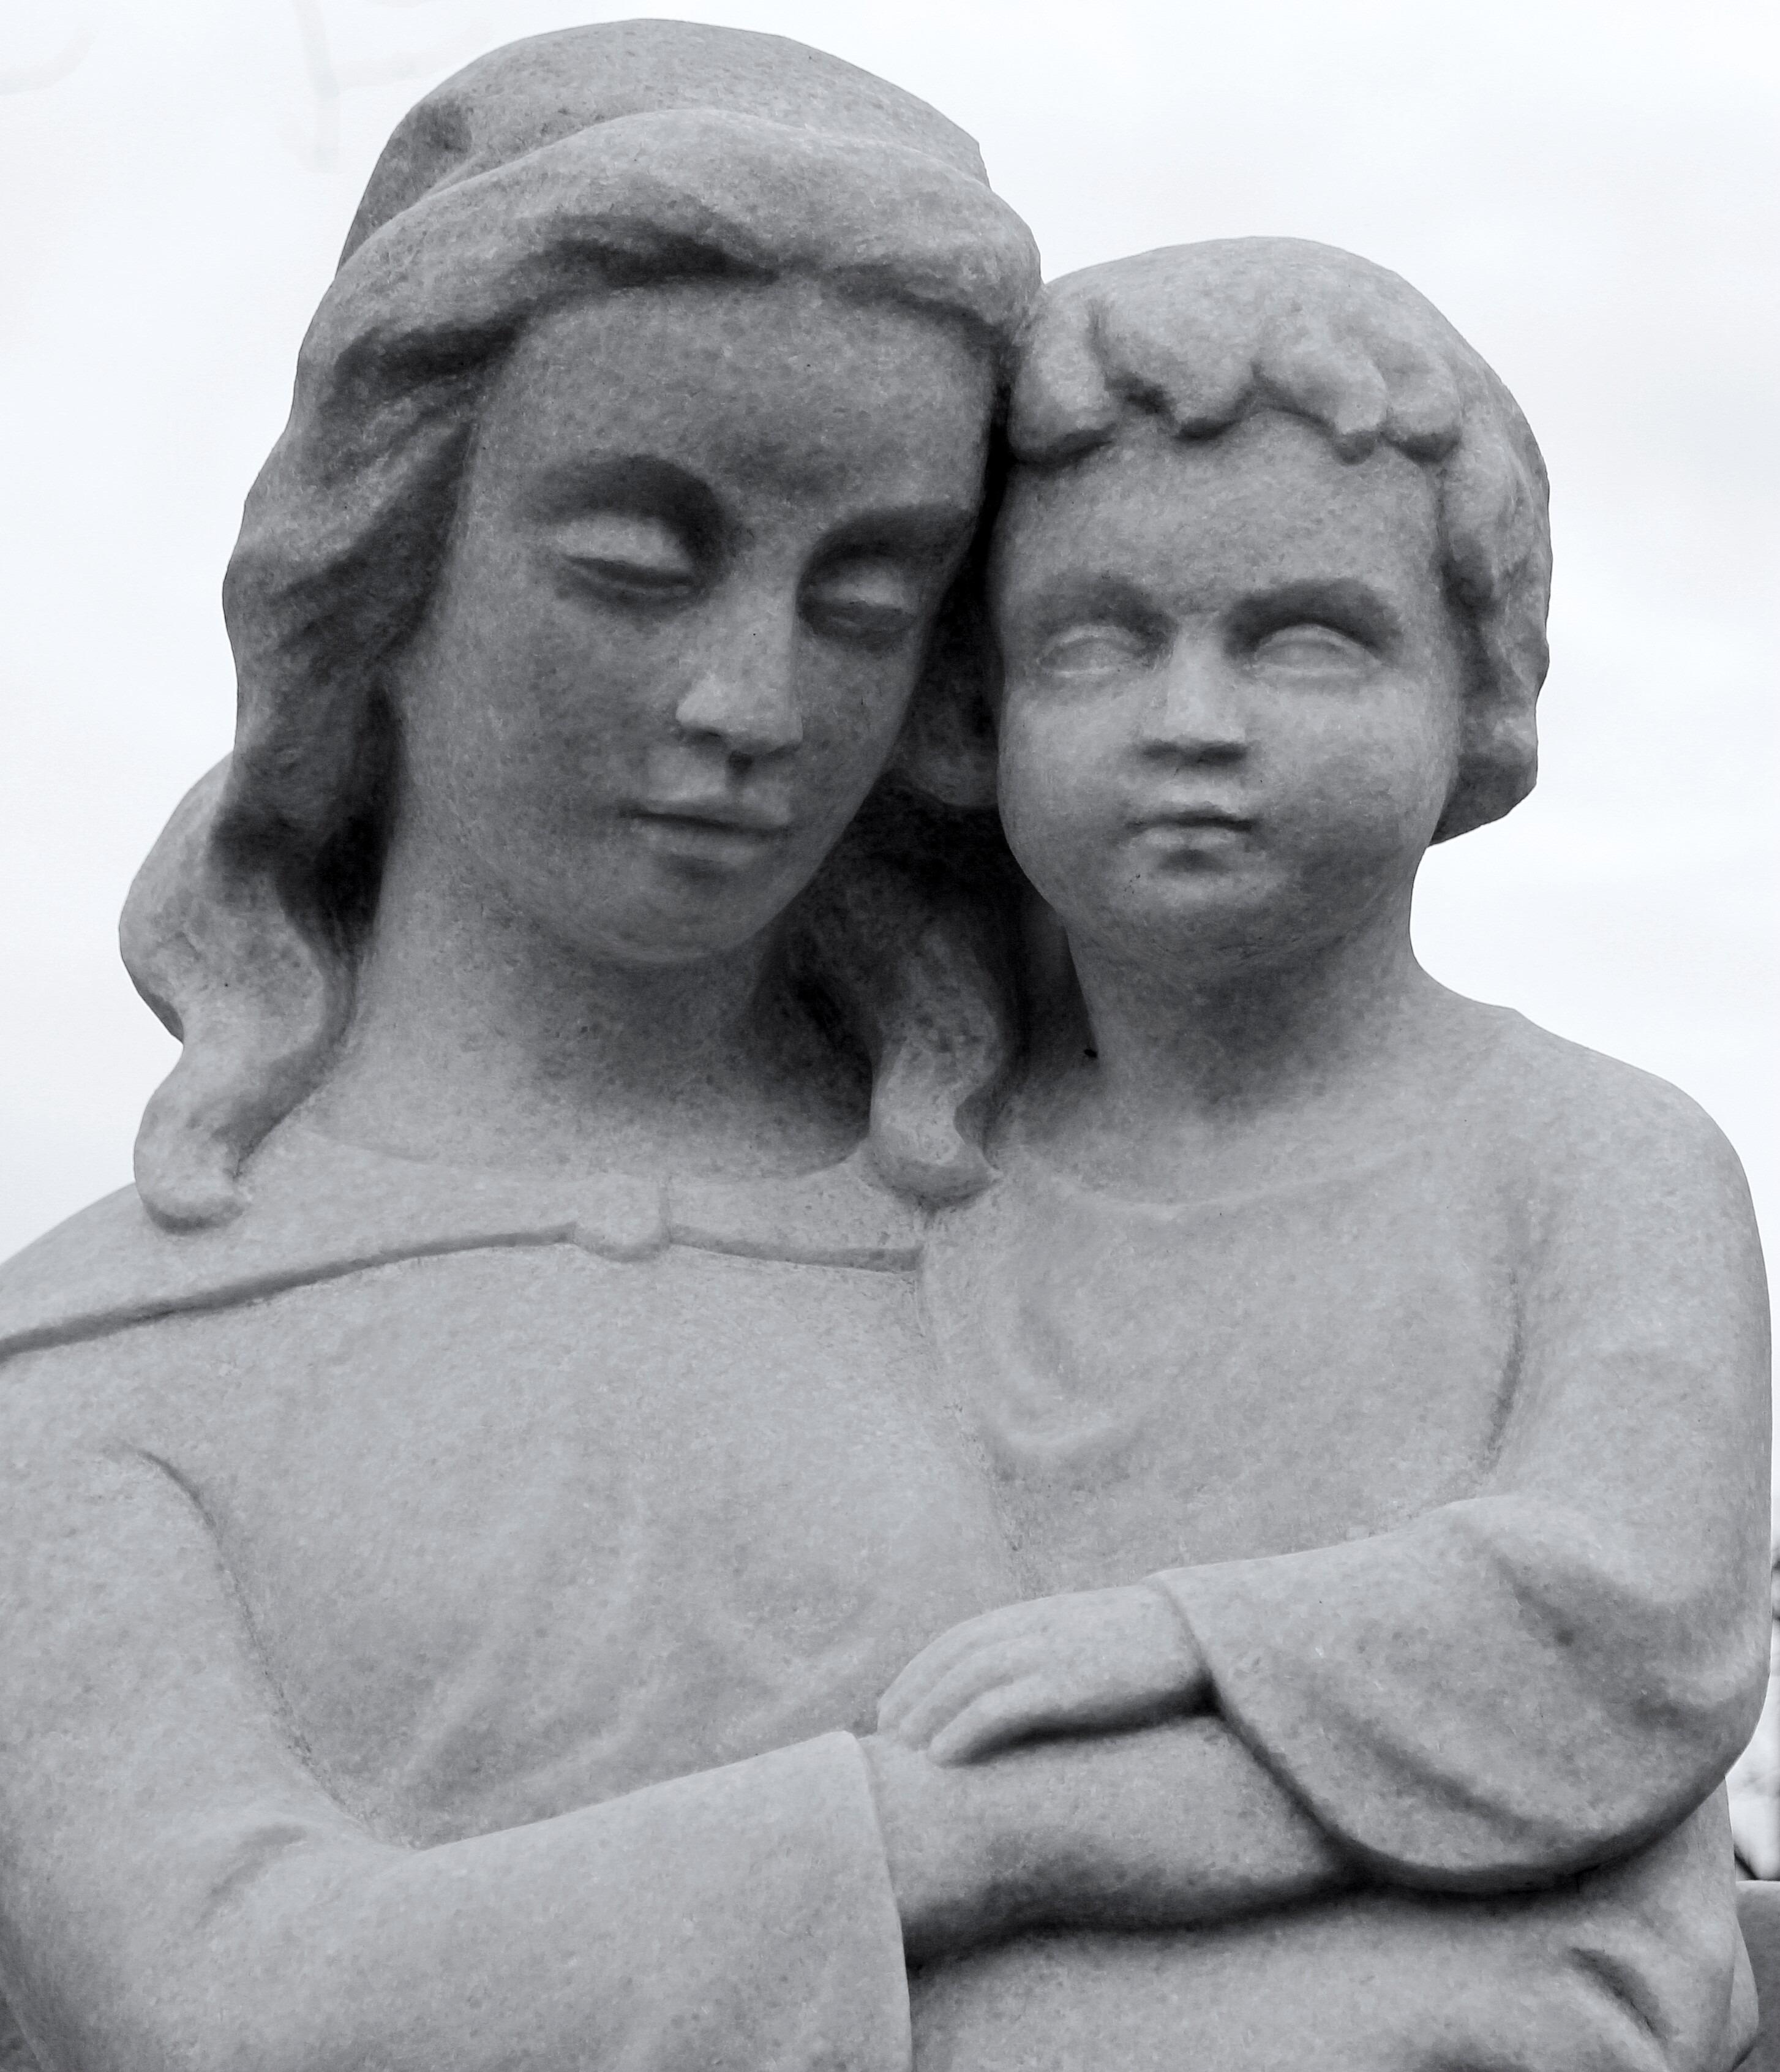 Gambar Orang Hitam Dan Putih Orang Orang Wanita Monumen Duduk Anak Satu Warna Keluarga Seni Angka Gambar Foto Isa Yesus Kristus Madonna Interaksi Ibu Dari Tuhan Eyang Patung Batu Fotografi Monokrom Fotografi